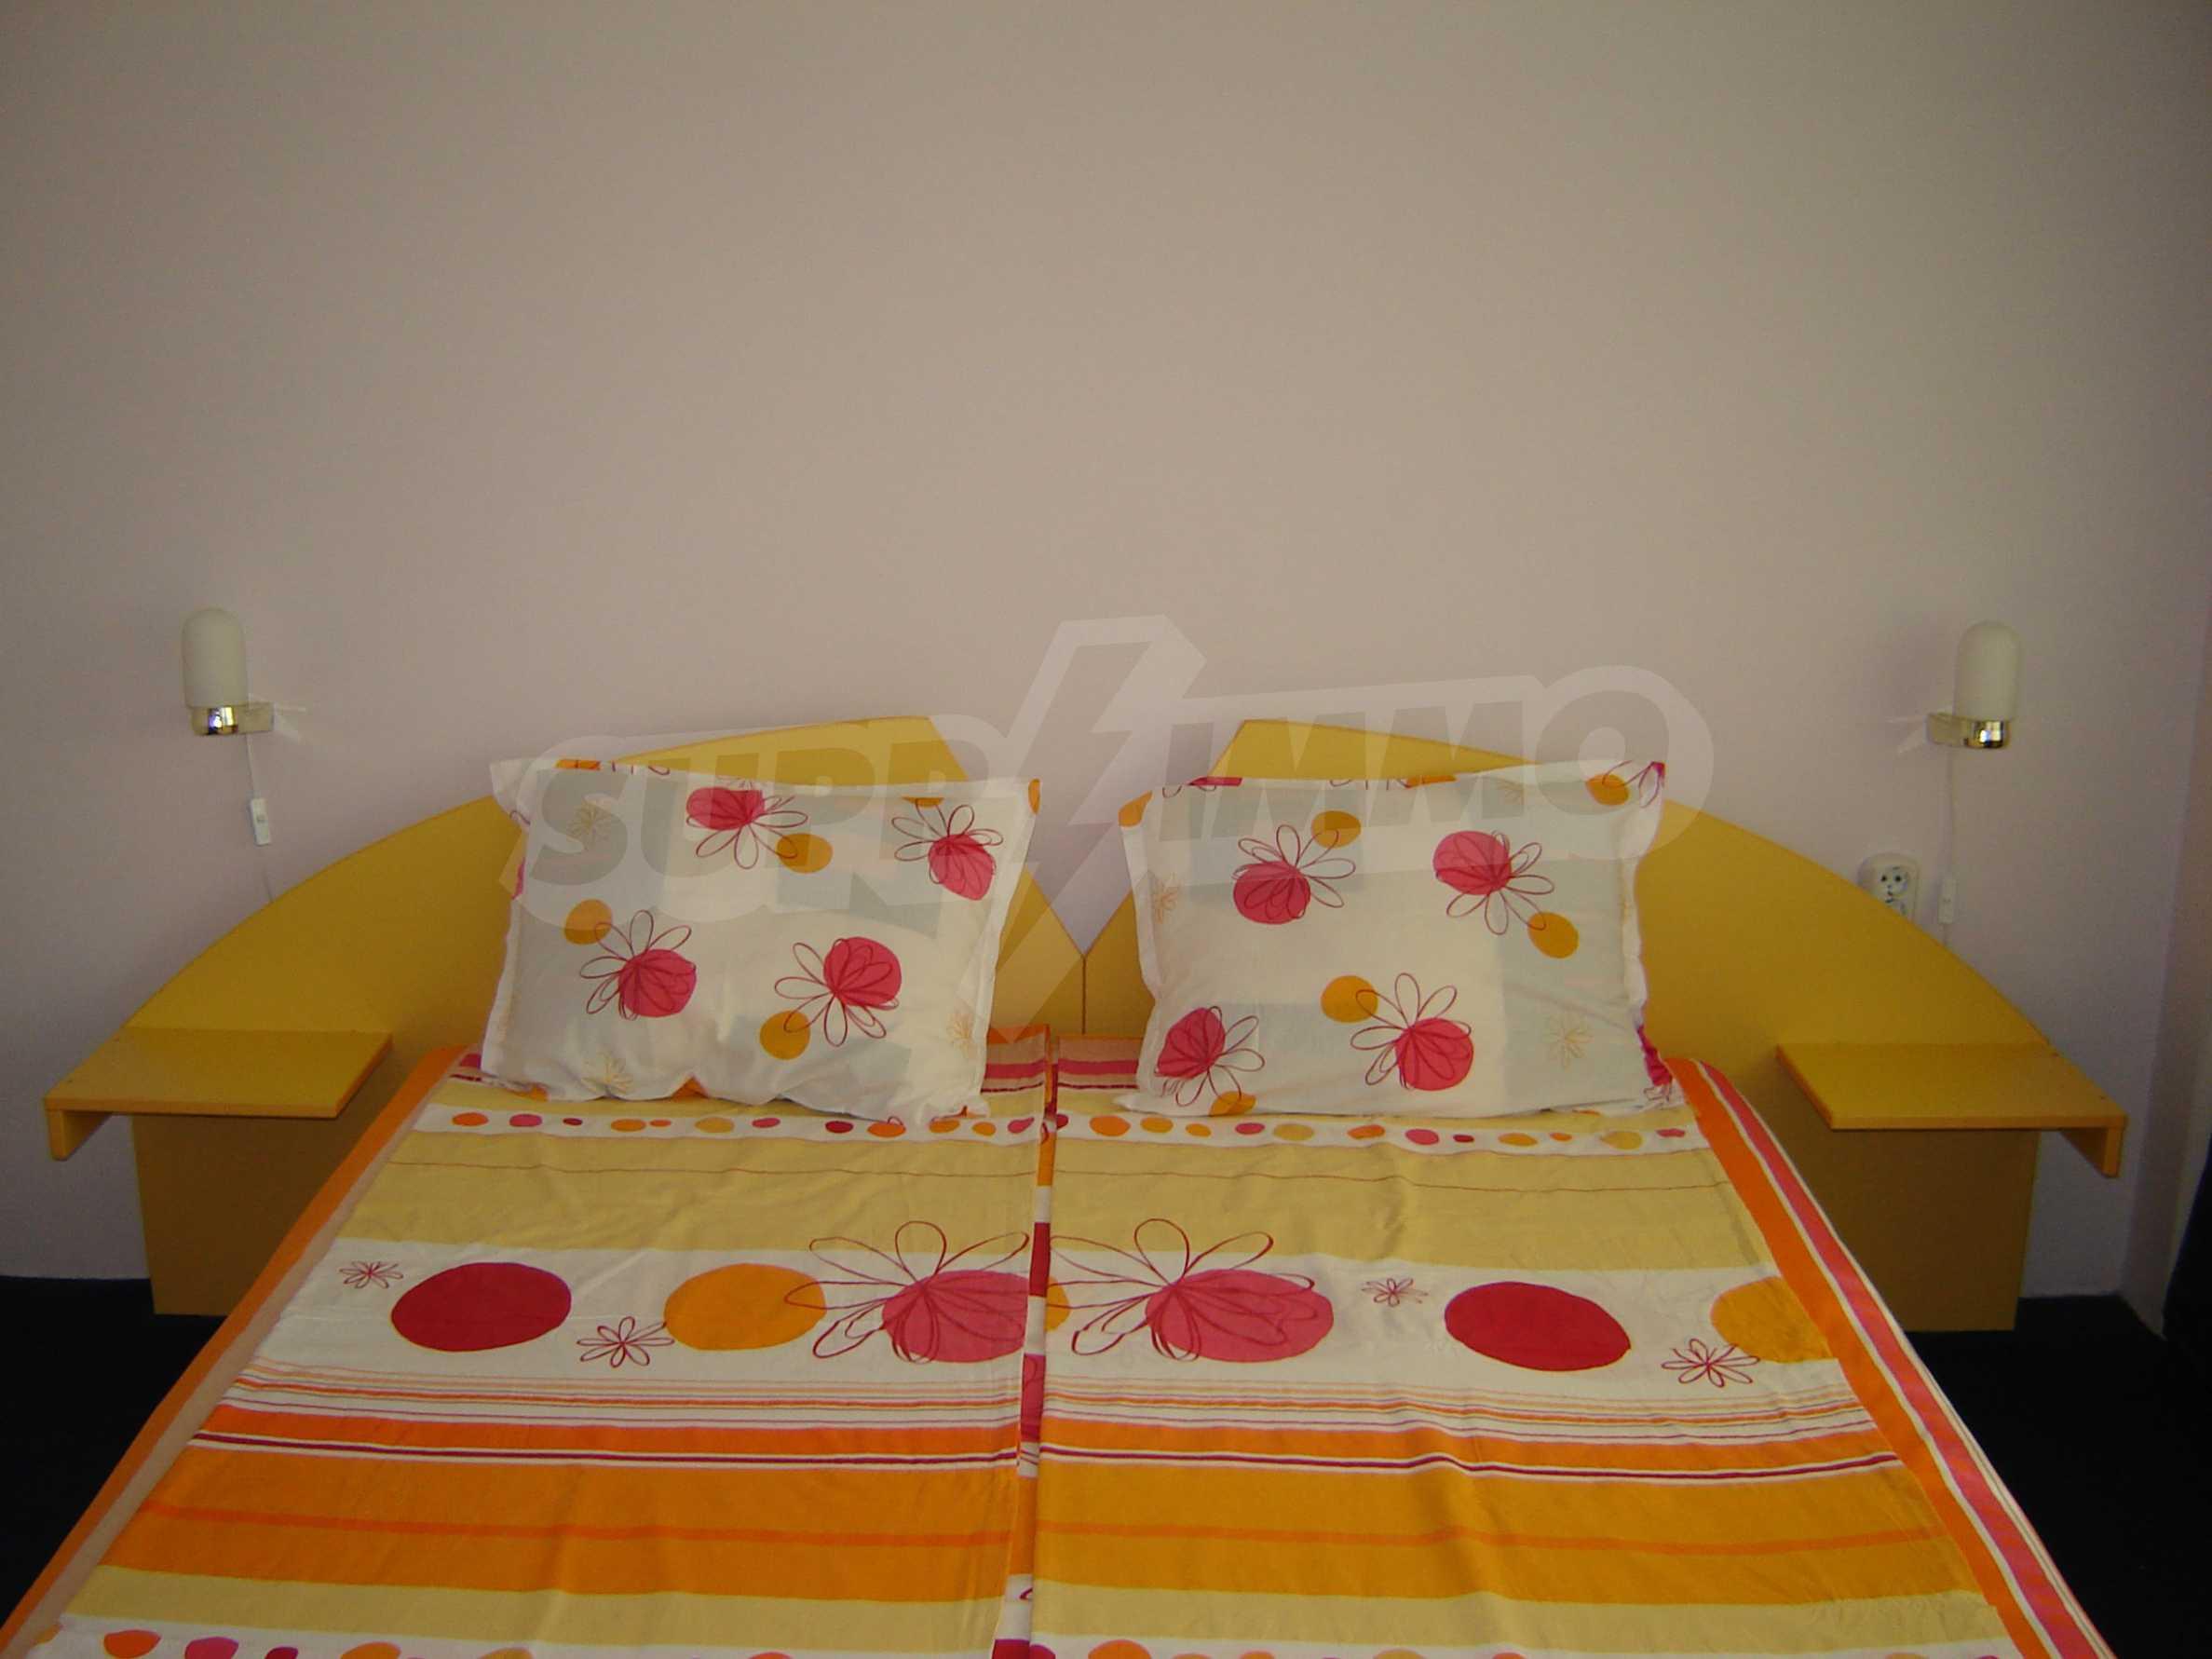 House of family hotel type for sale in Primorsko 5